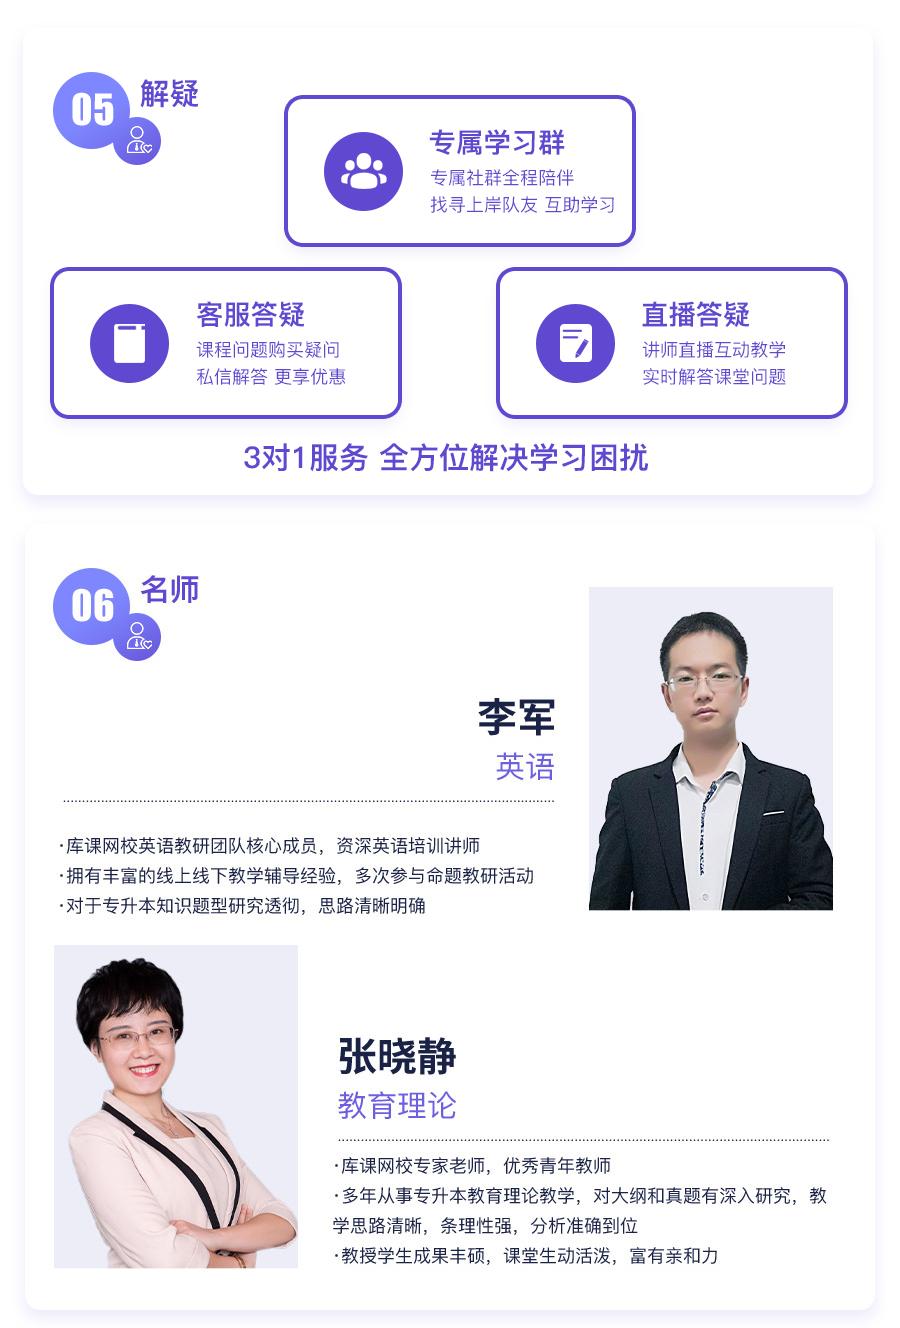 河南专升本【英语+教育理论】·上岸计划.png